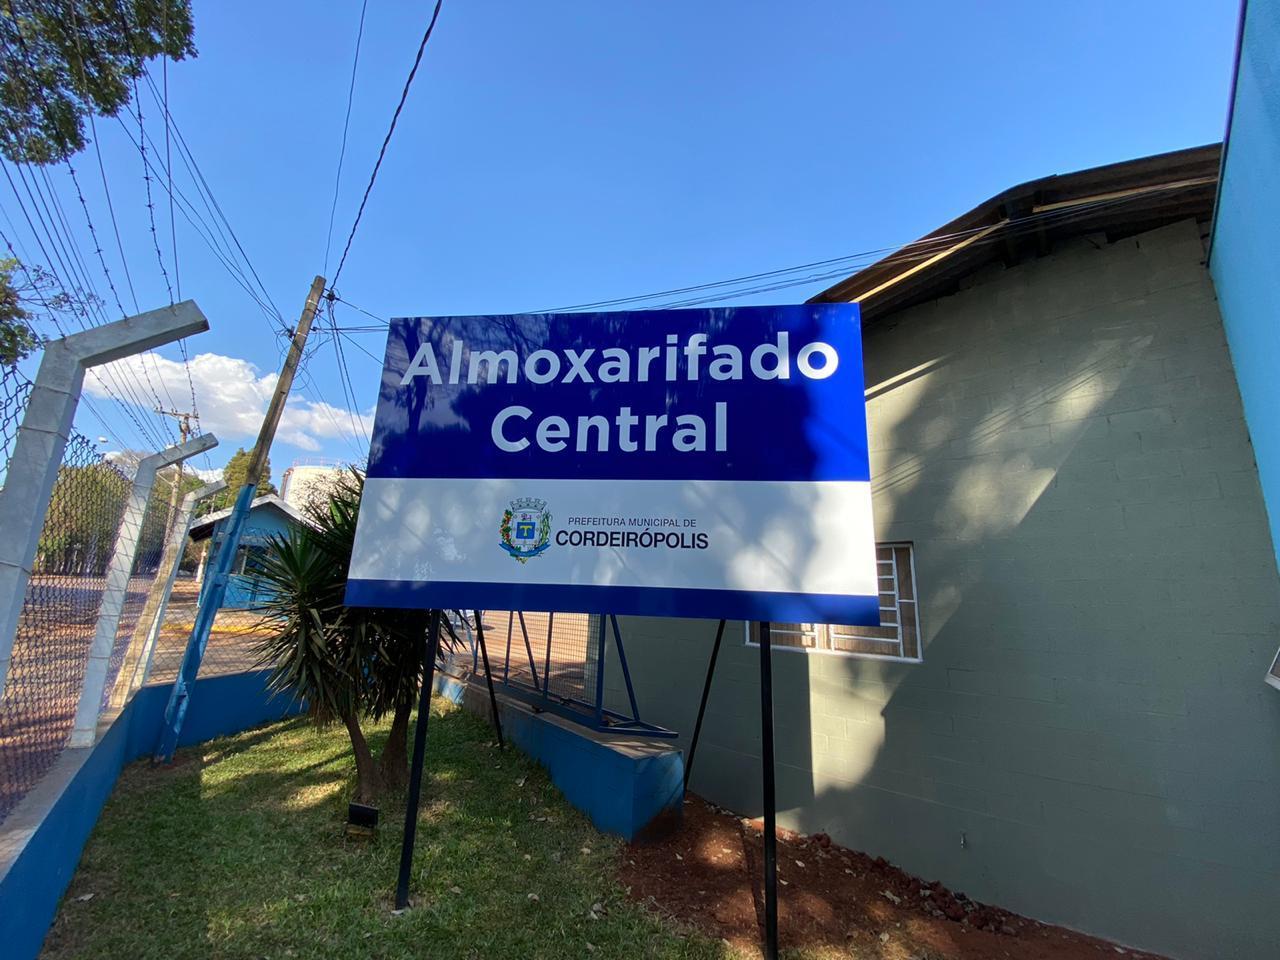 Inauguração do Almoxarifado Central em Cordeirópolis será nos próximos dias